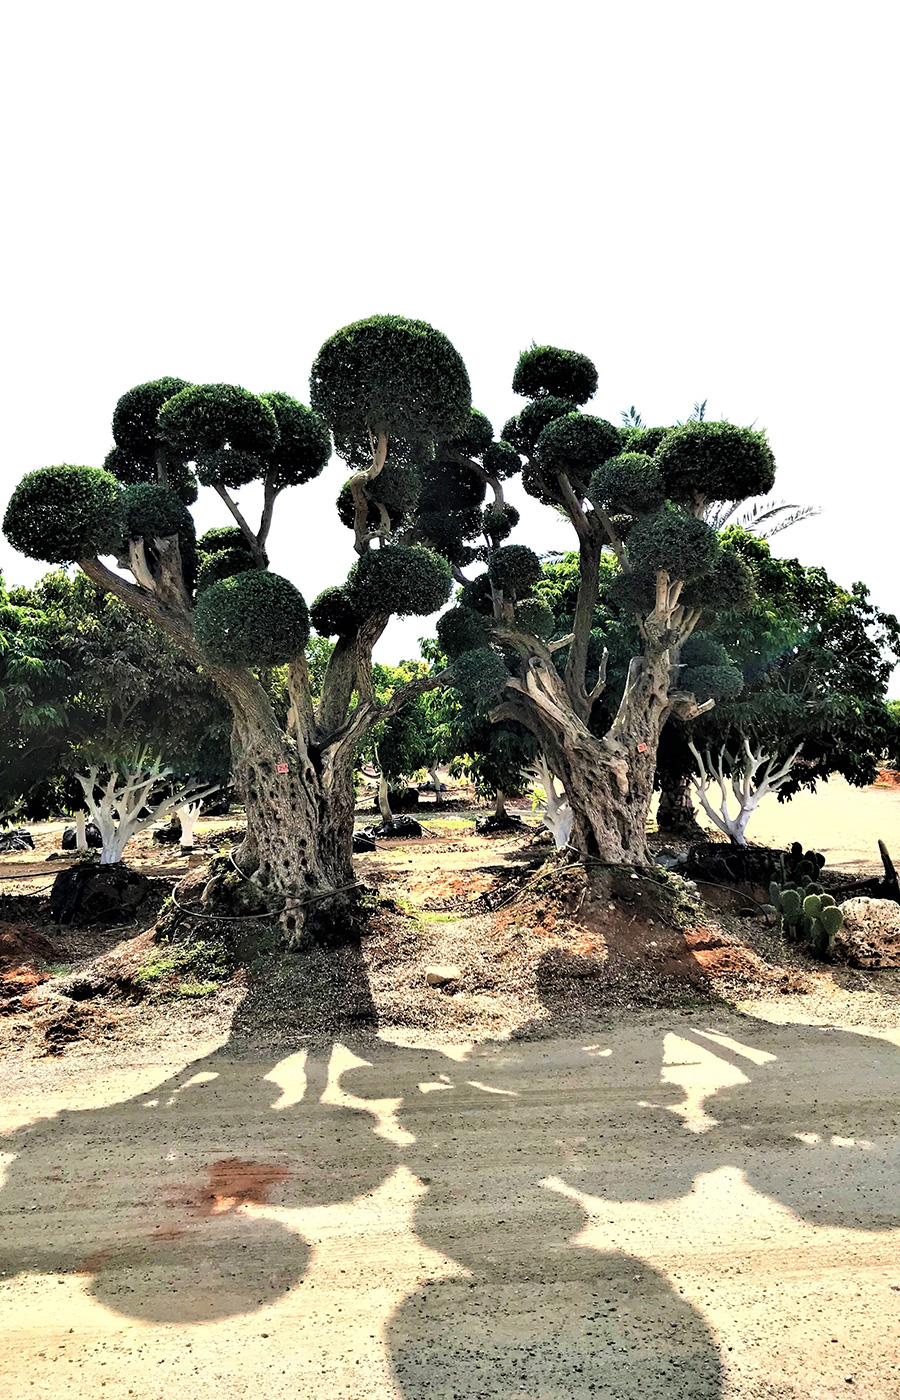 למעלה עצי זית | דרך האבן GI-48